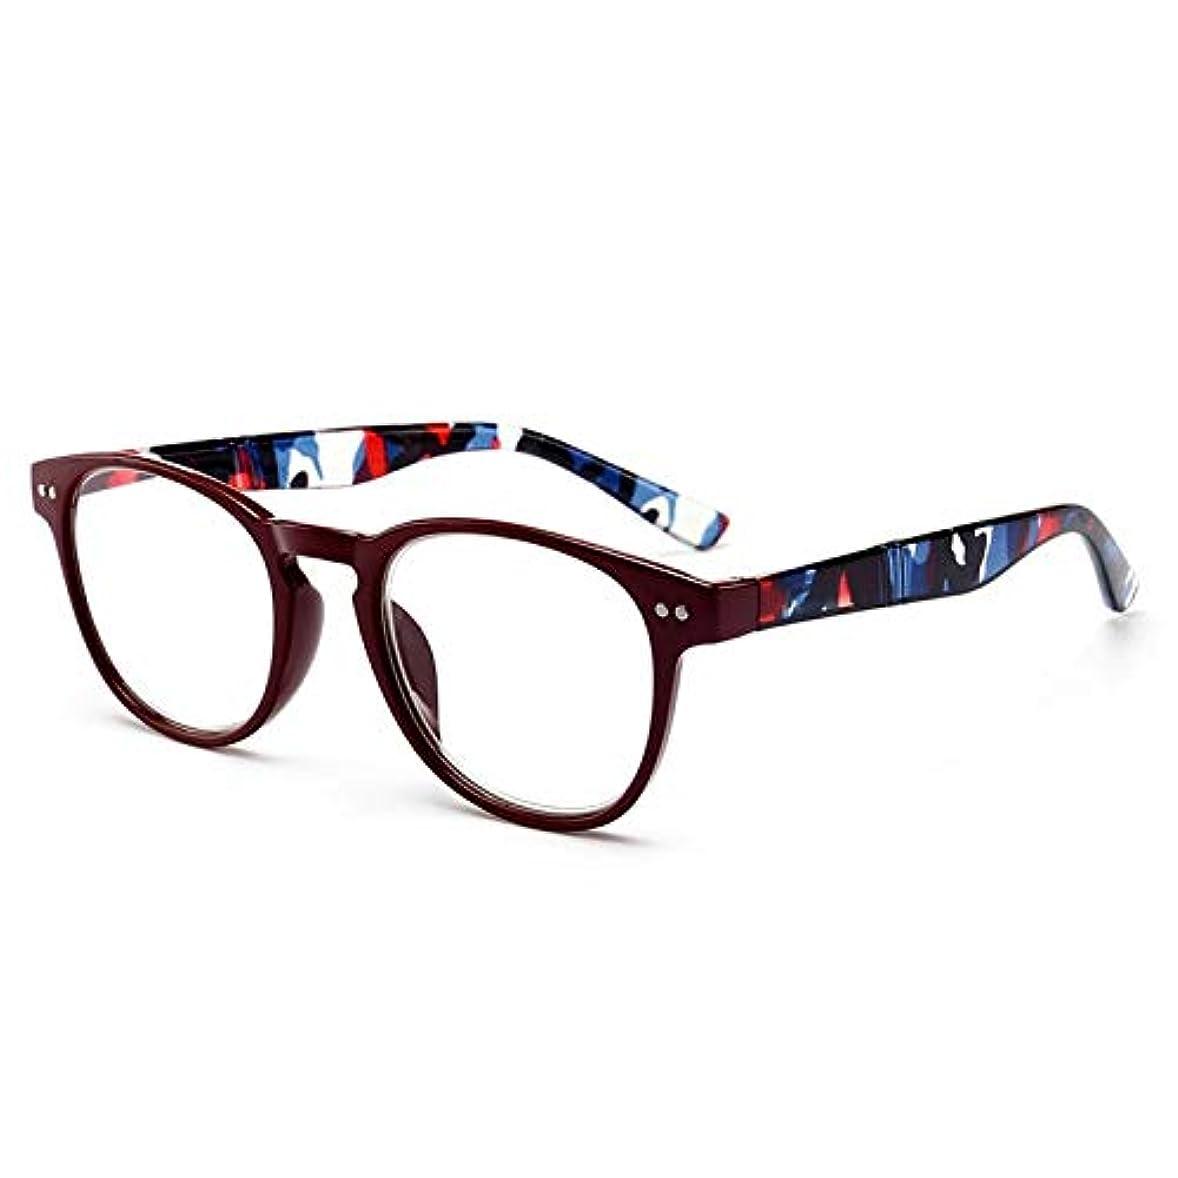 投資するワーディアンケース妨げる老眼鏡老眼鏡メガネフルフレーム+1.0から+4.0両親へのポータブルギフト高齢者ケア-赤